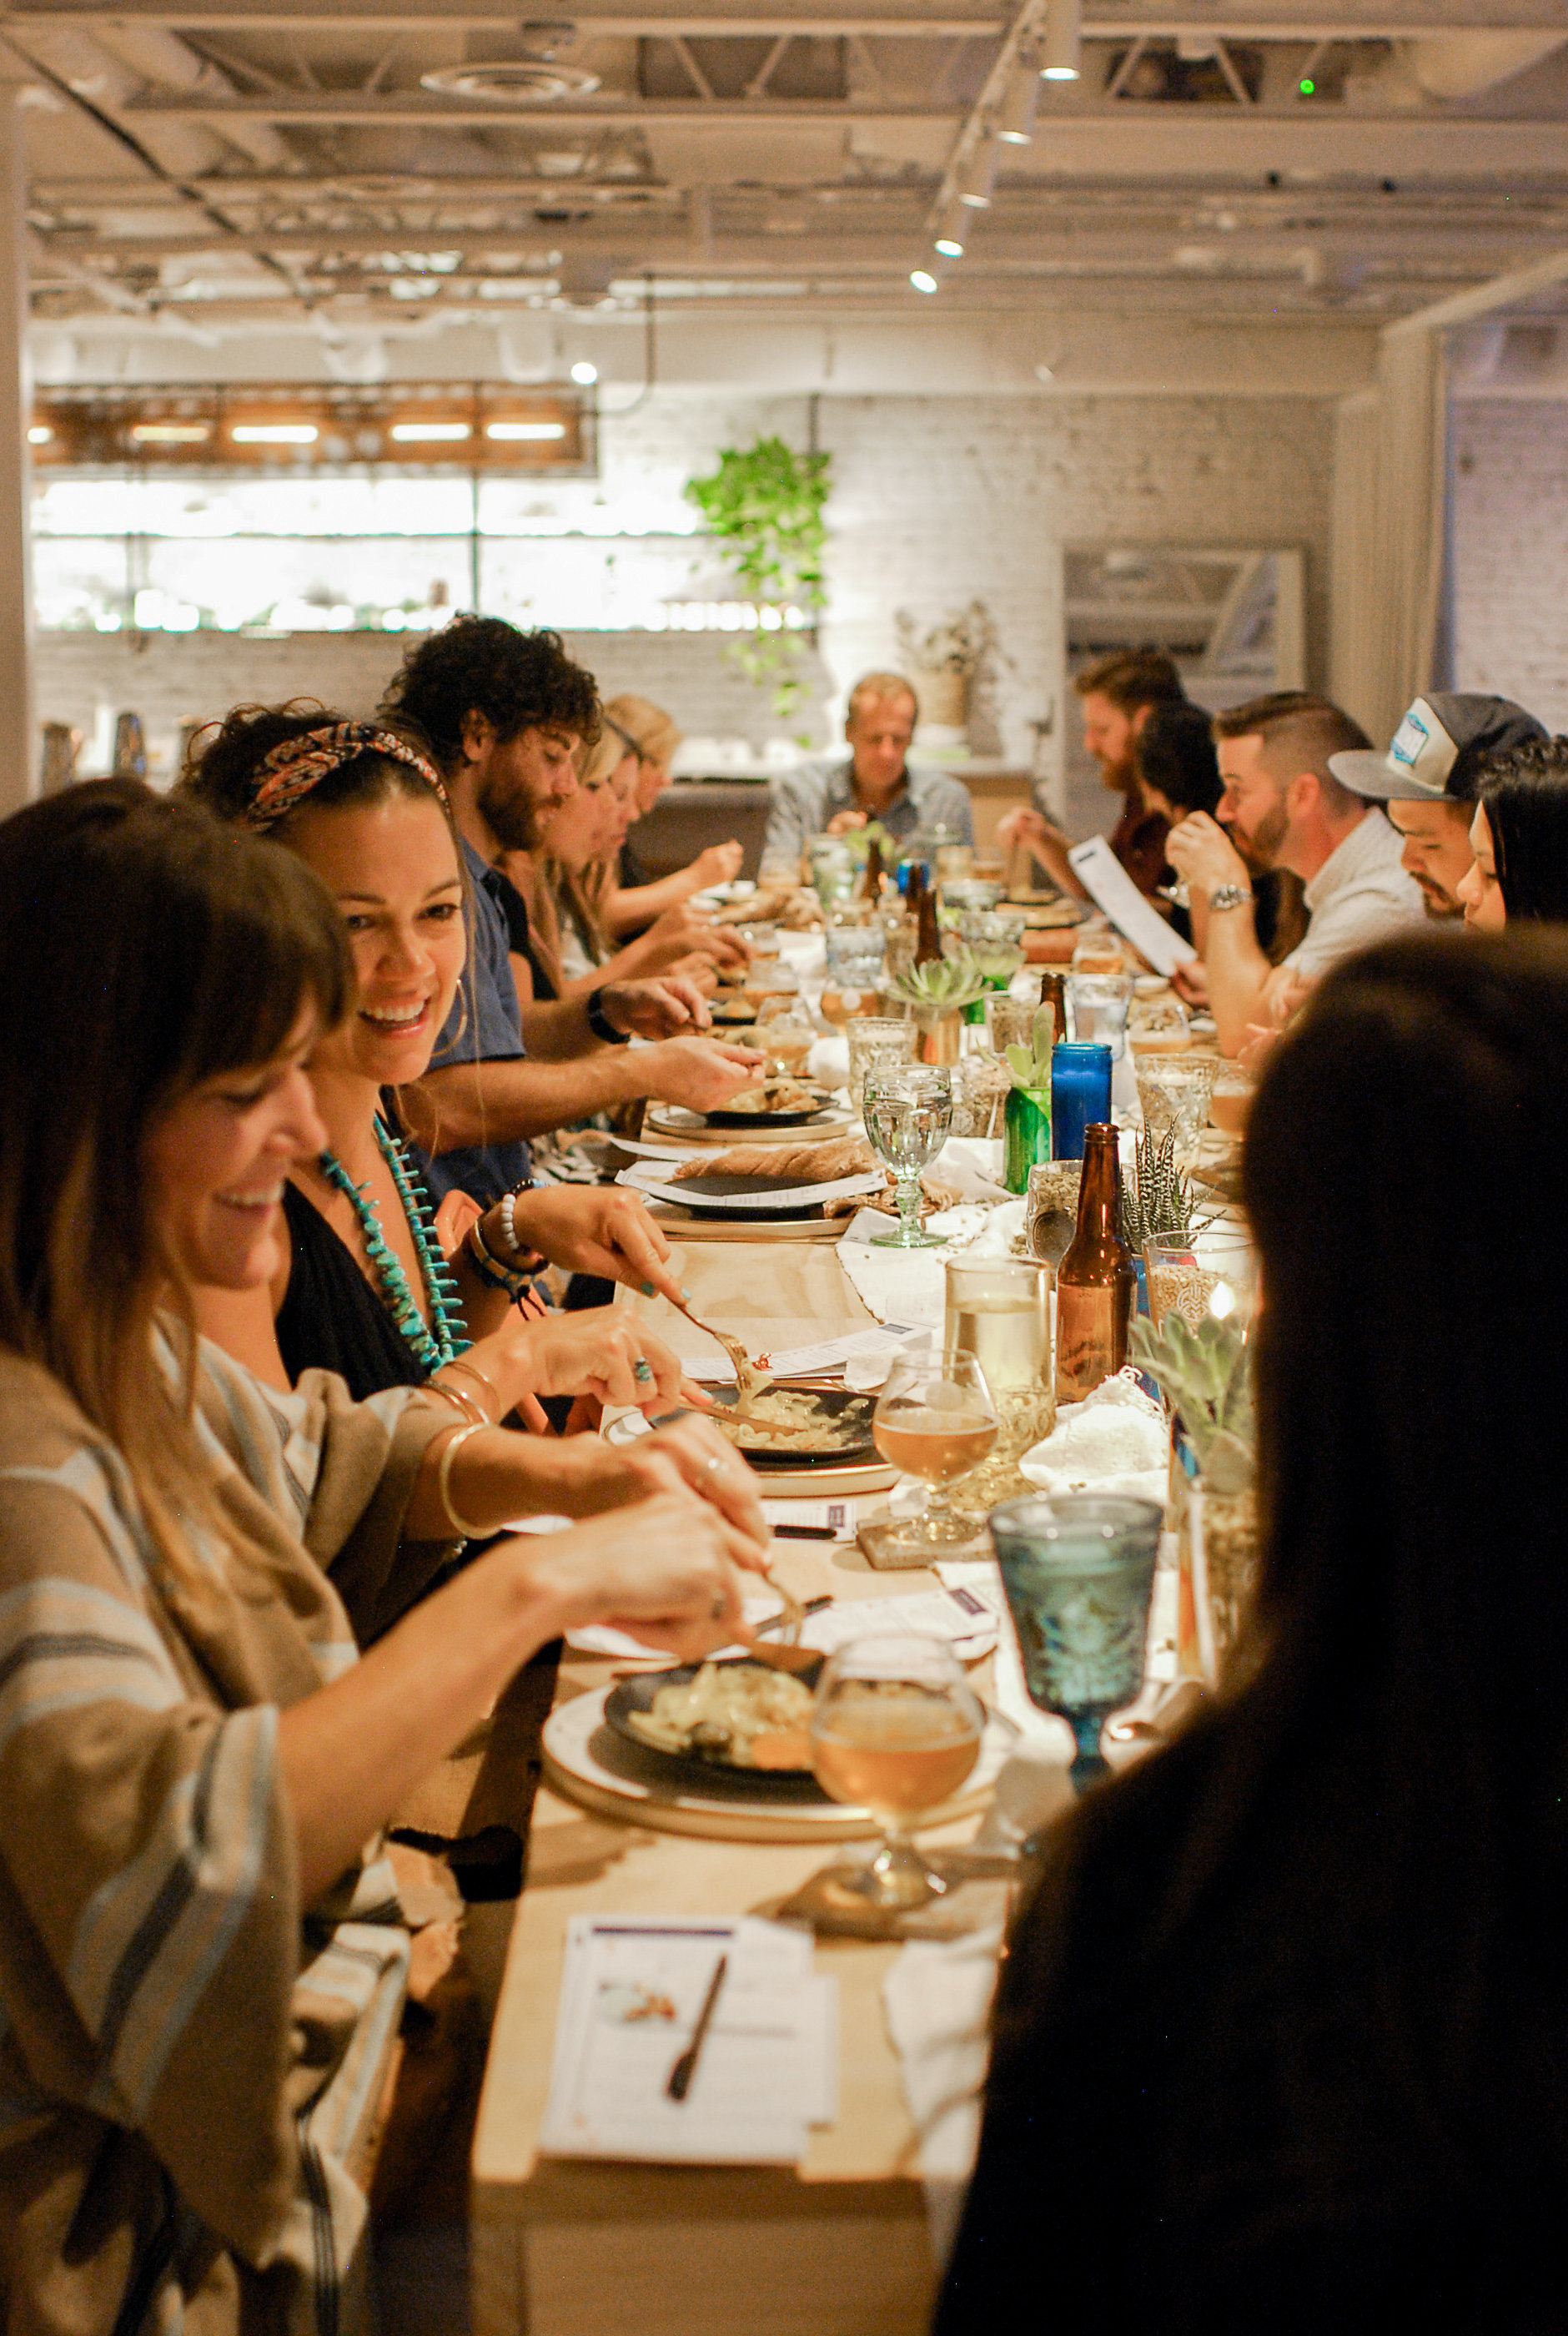 Drink Slingers Austin Event Bartenders Image 104